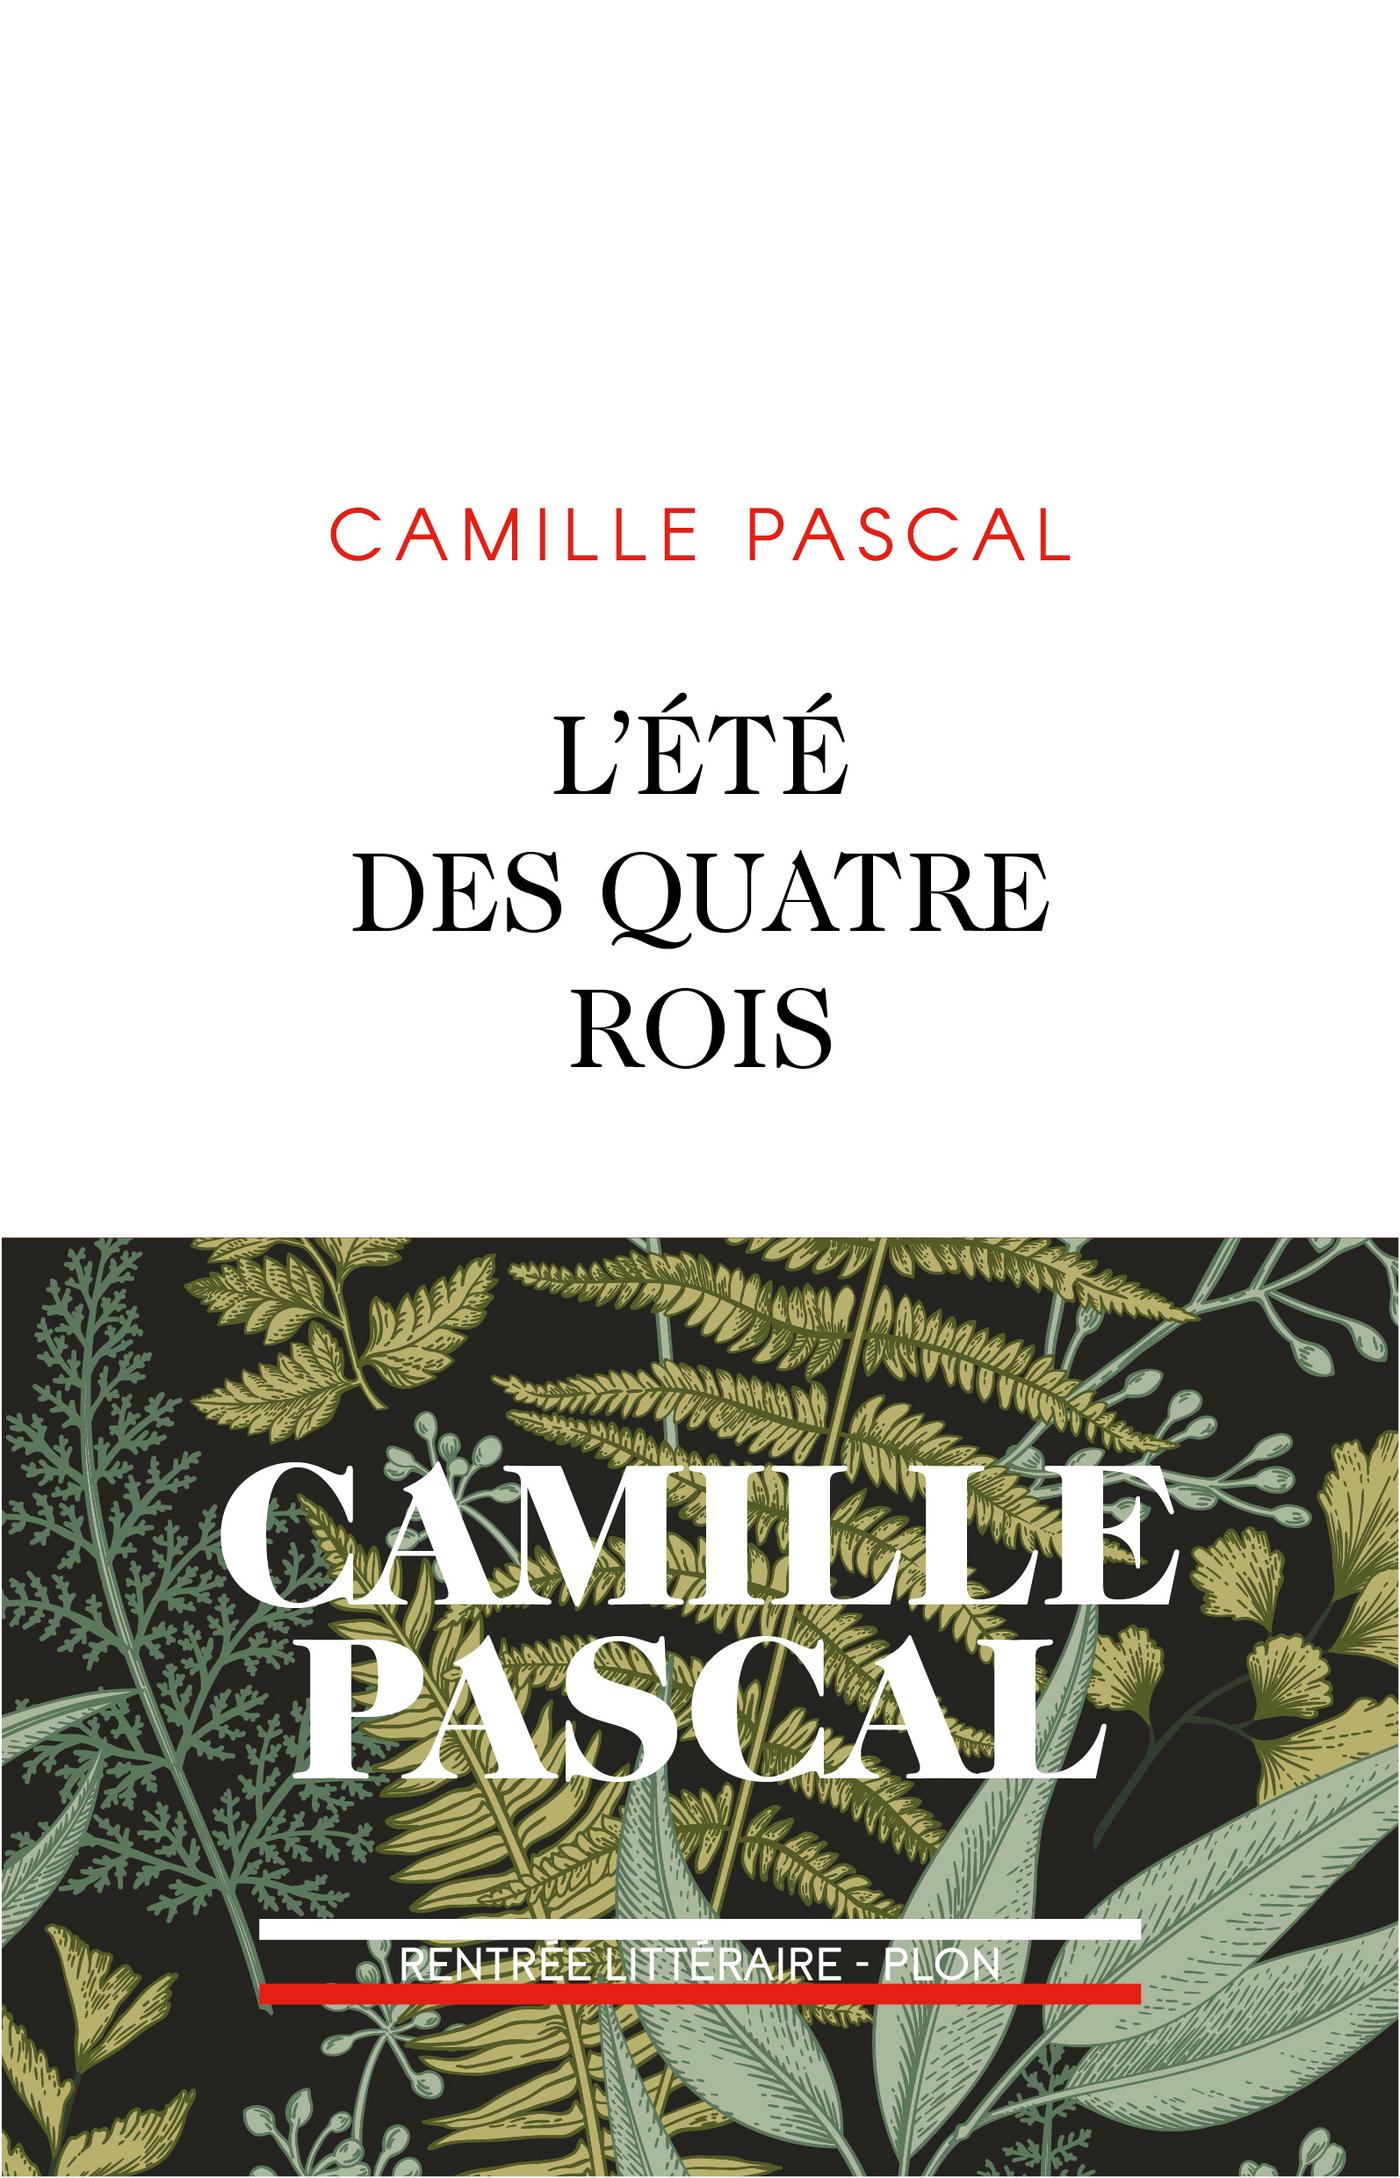 L'Eté des quatre rois | PASCAL, Camille